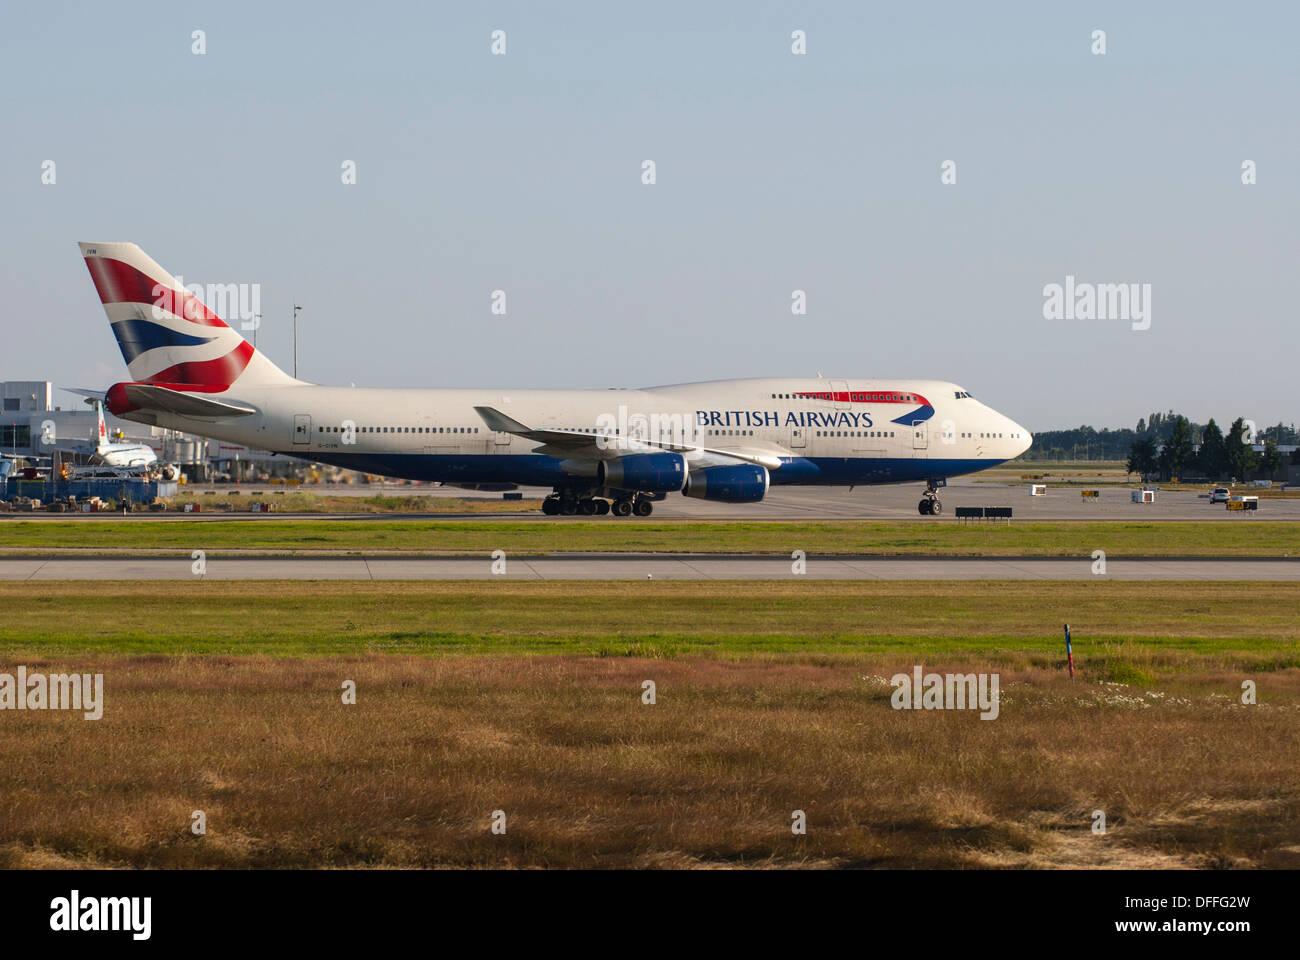 British Airways Boeing 747-436 le roulage piste à l'aéroport, l'Aéroport International de Vancouver. Banque D'Images